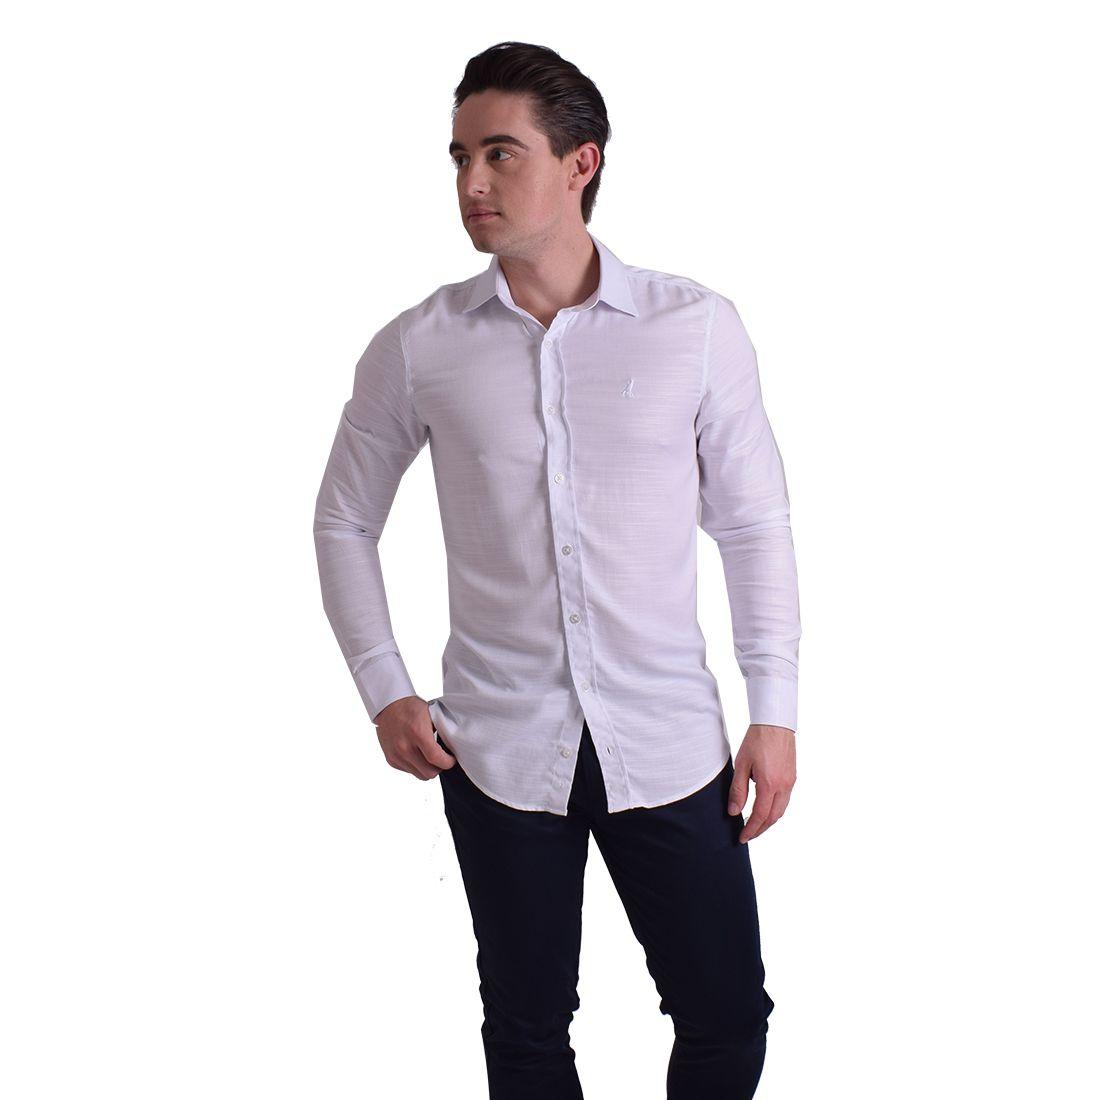 100236 - Camisa Social Masculina Slim Branca - LEVOK